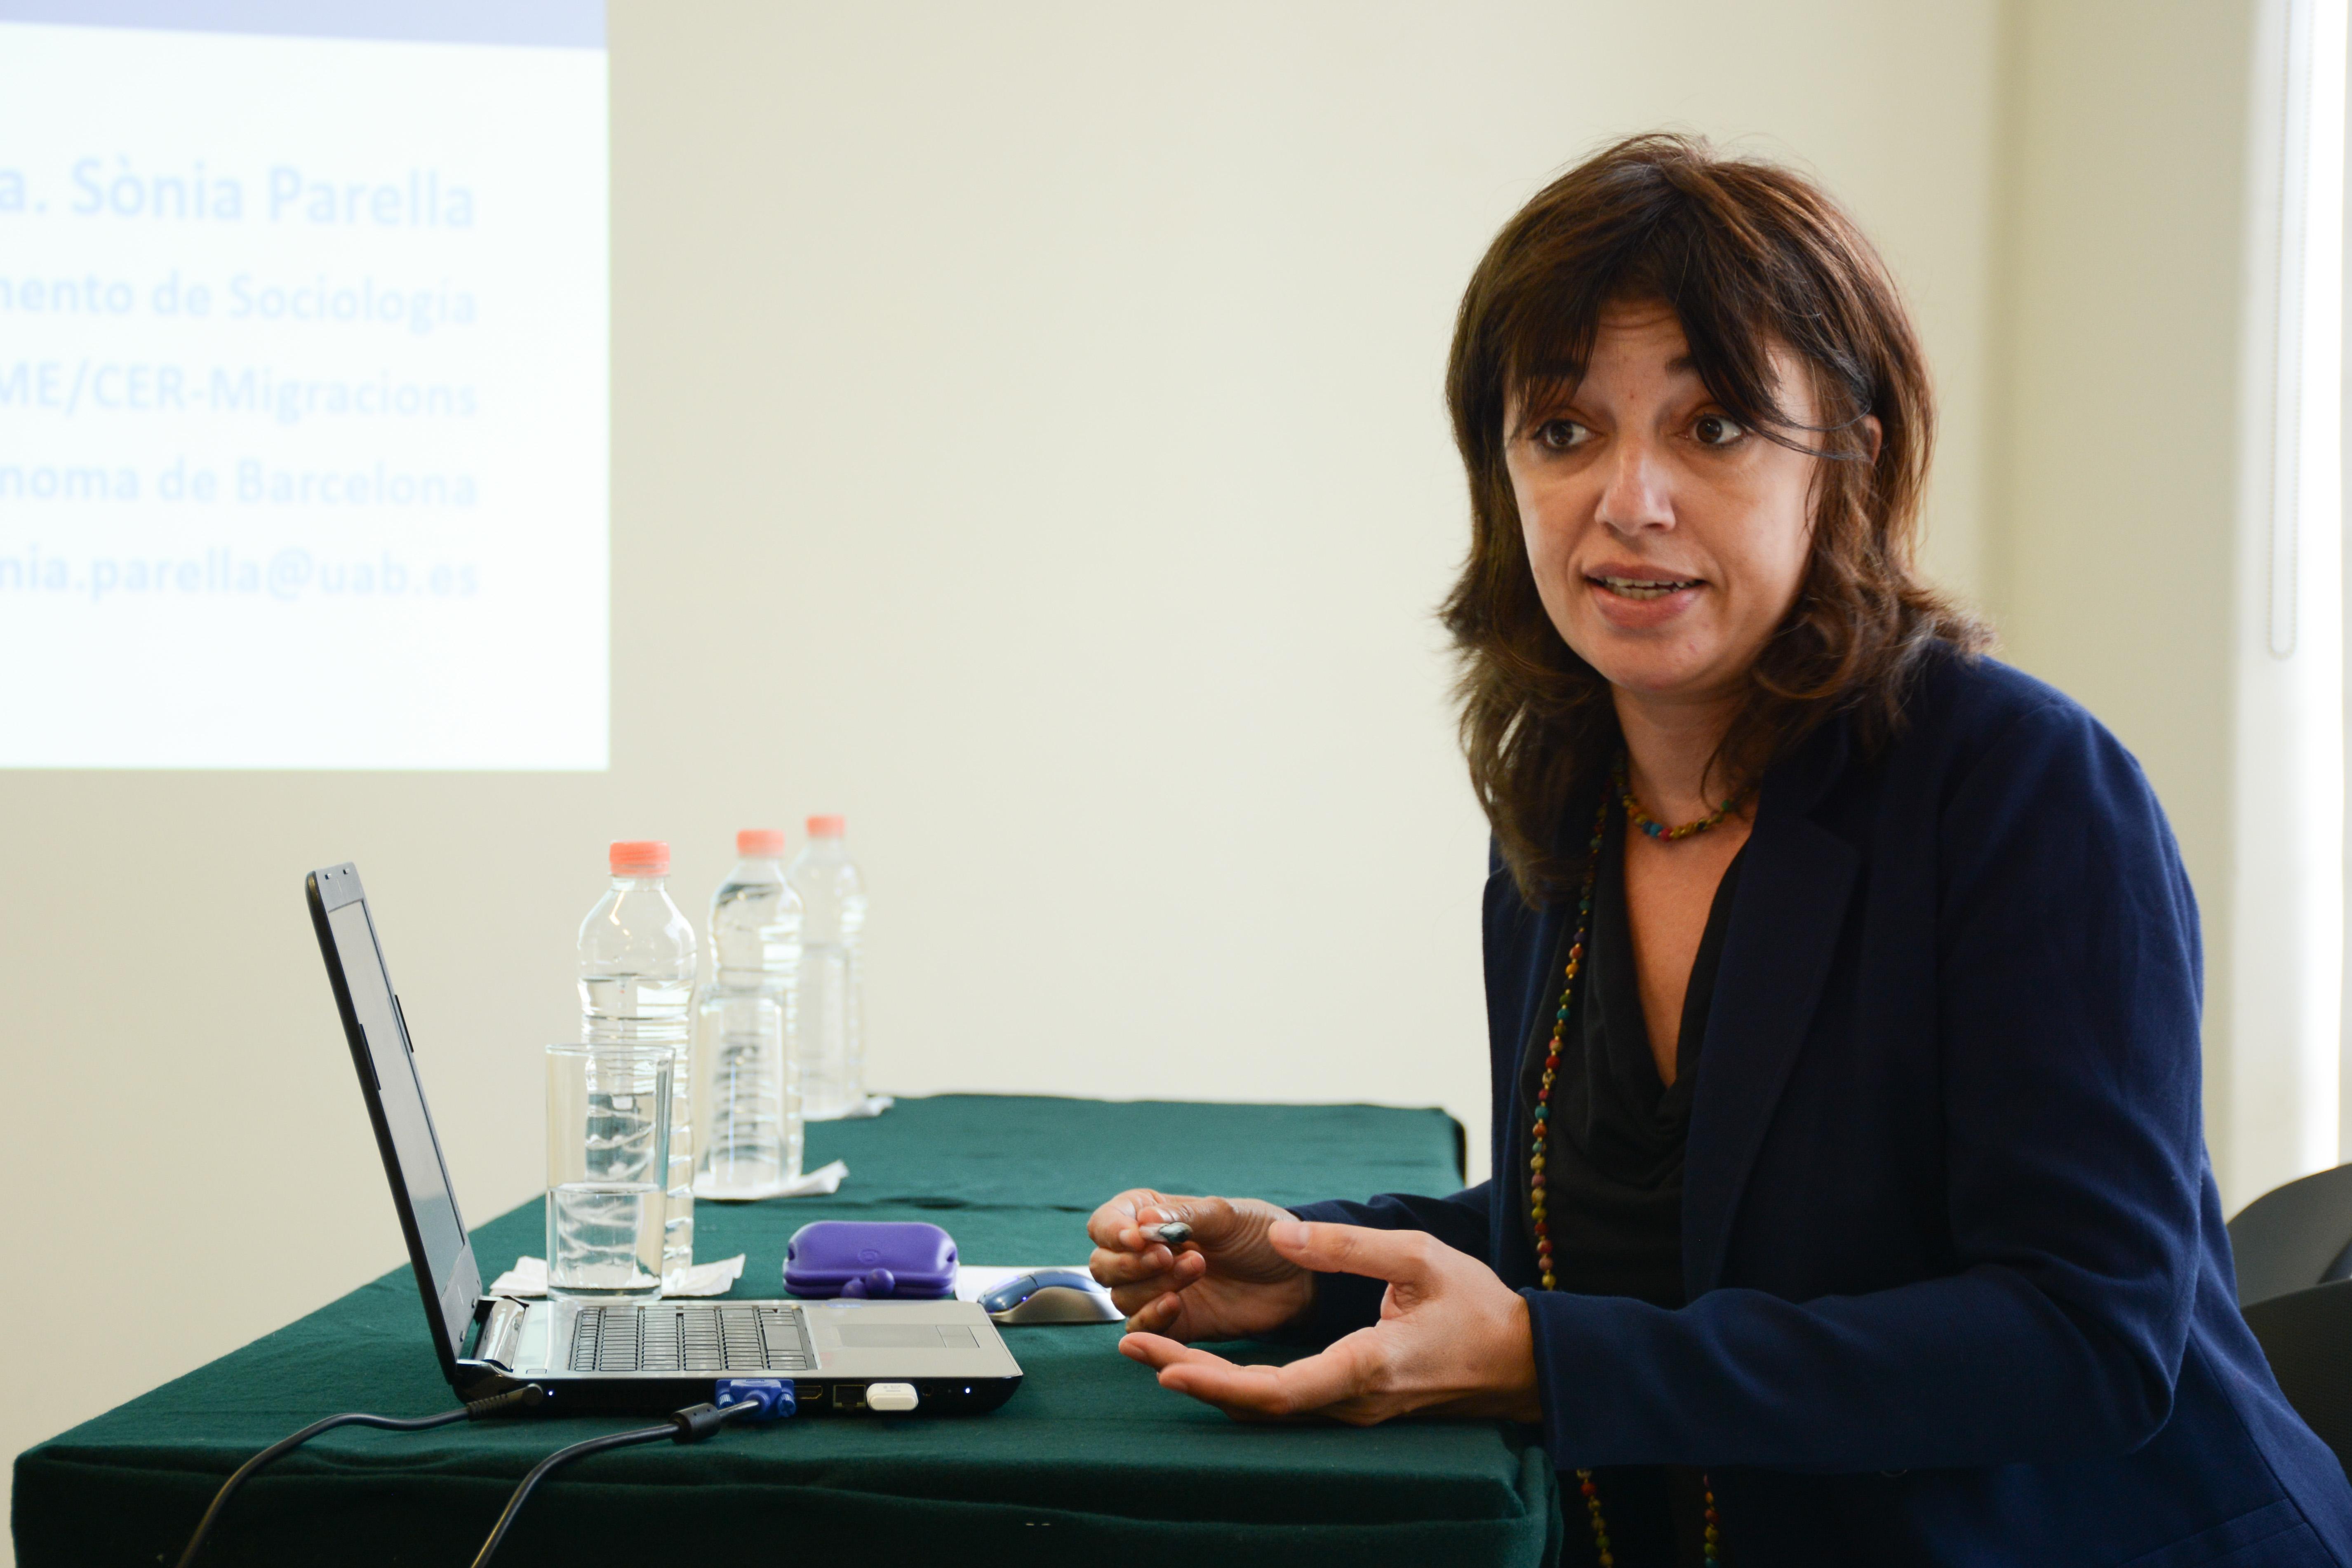 Doctora Sònia Parella Rubio, académica de la Universidad Autónoma de Barcelona, impartiendo una conferencia sobre políticas de migración de retorno en UDGVirtual.